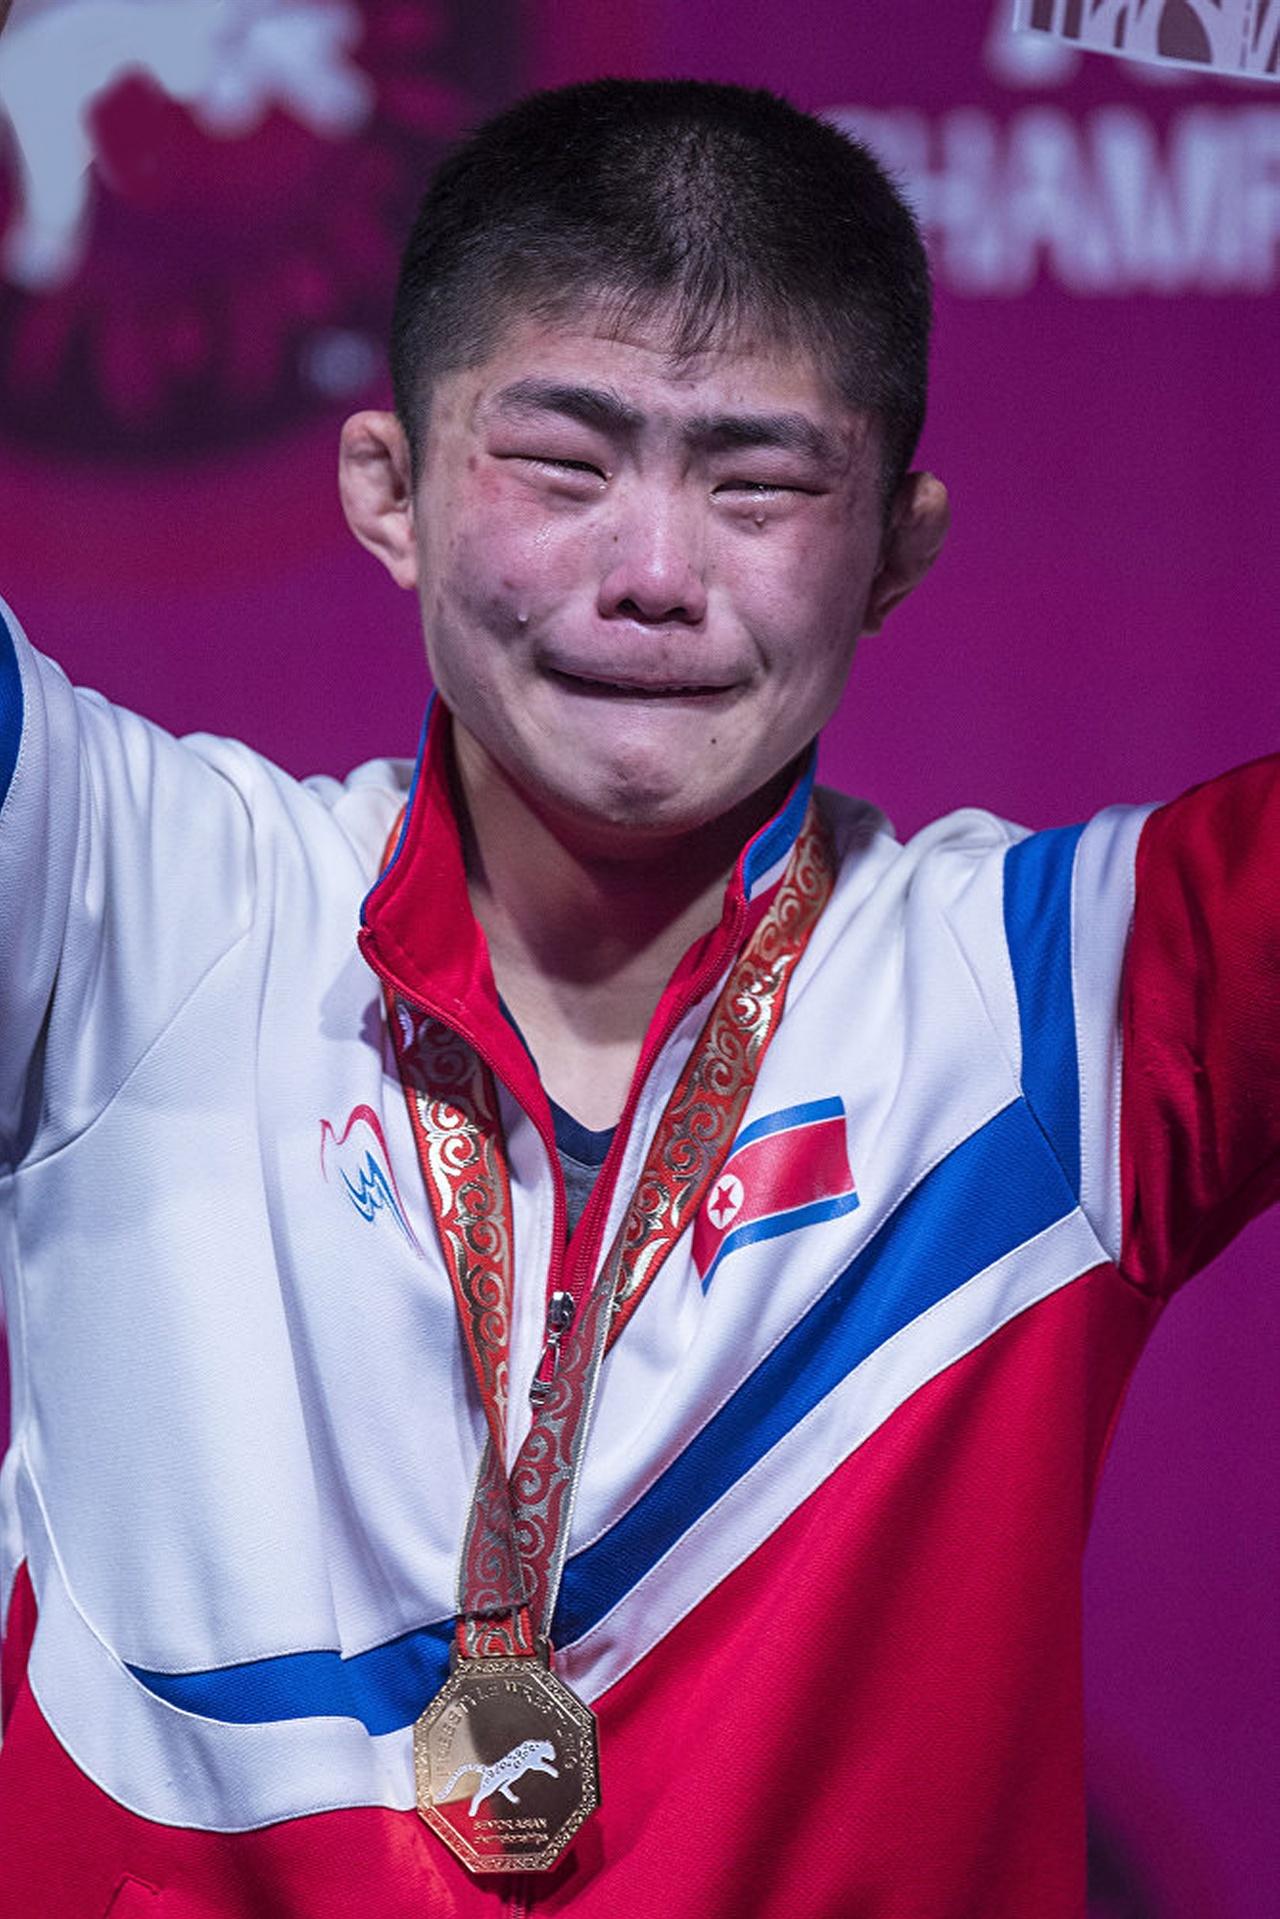 북한 강금성 선수의 금메달 시상대에서 2018 아시아 레슬링 선수권대회 자유형 57kg급에 출전한 북한 강금성 선수가 시상대에서 감격의 눈물을 흘리고 있다.